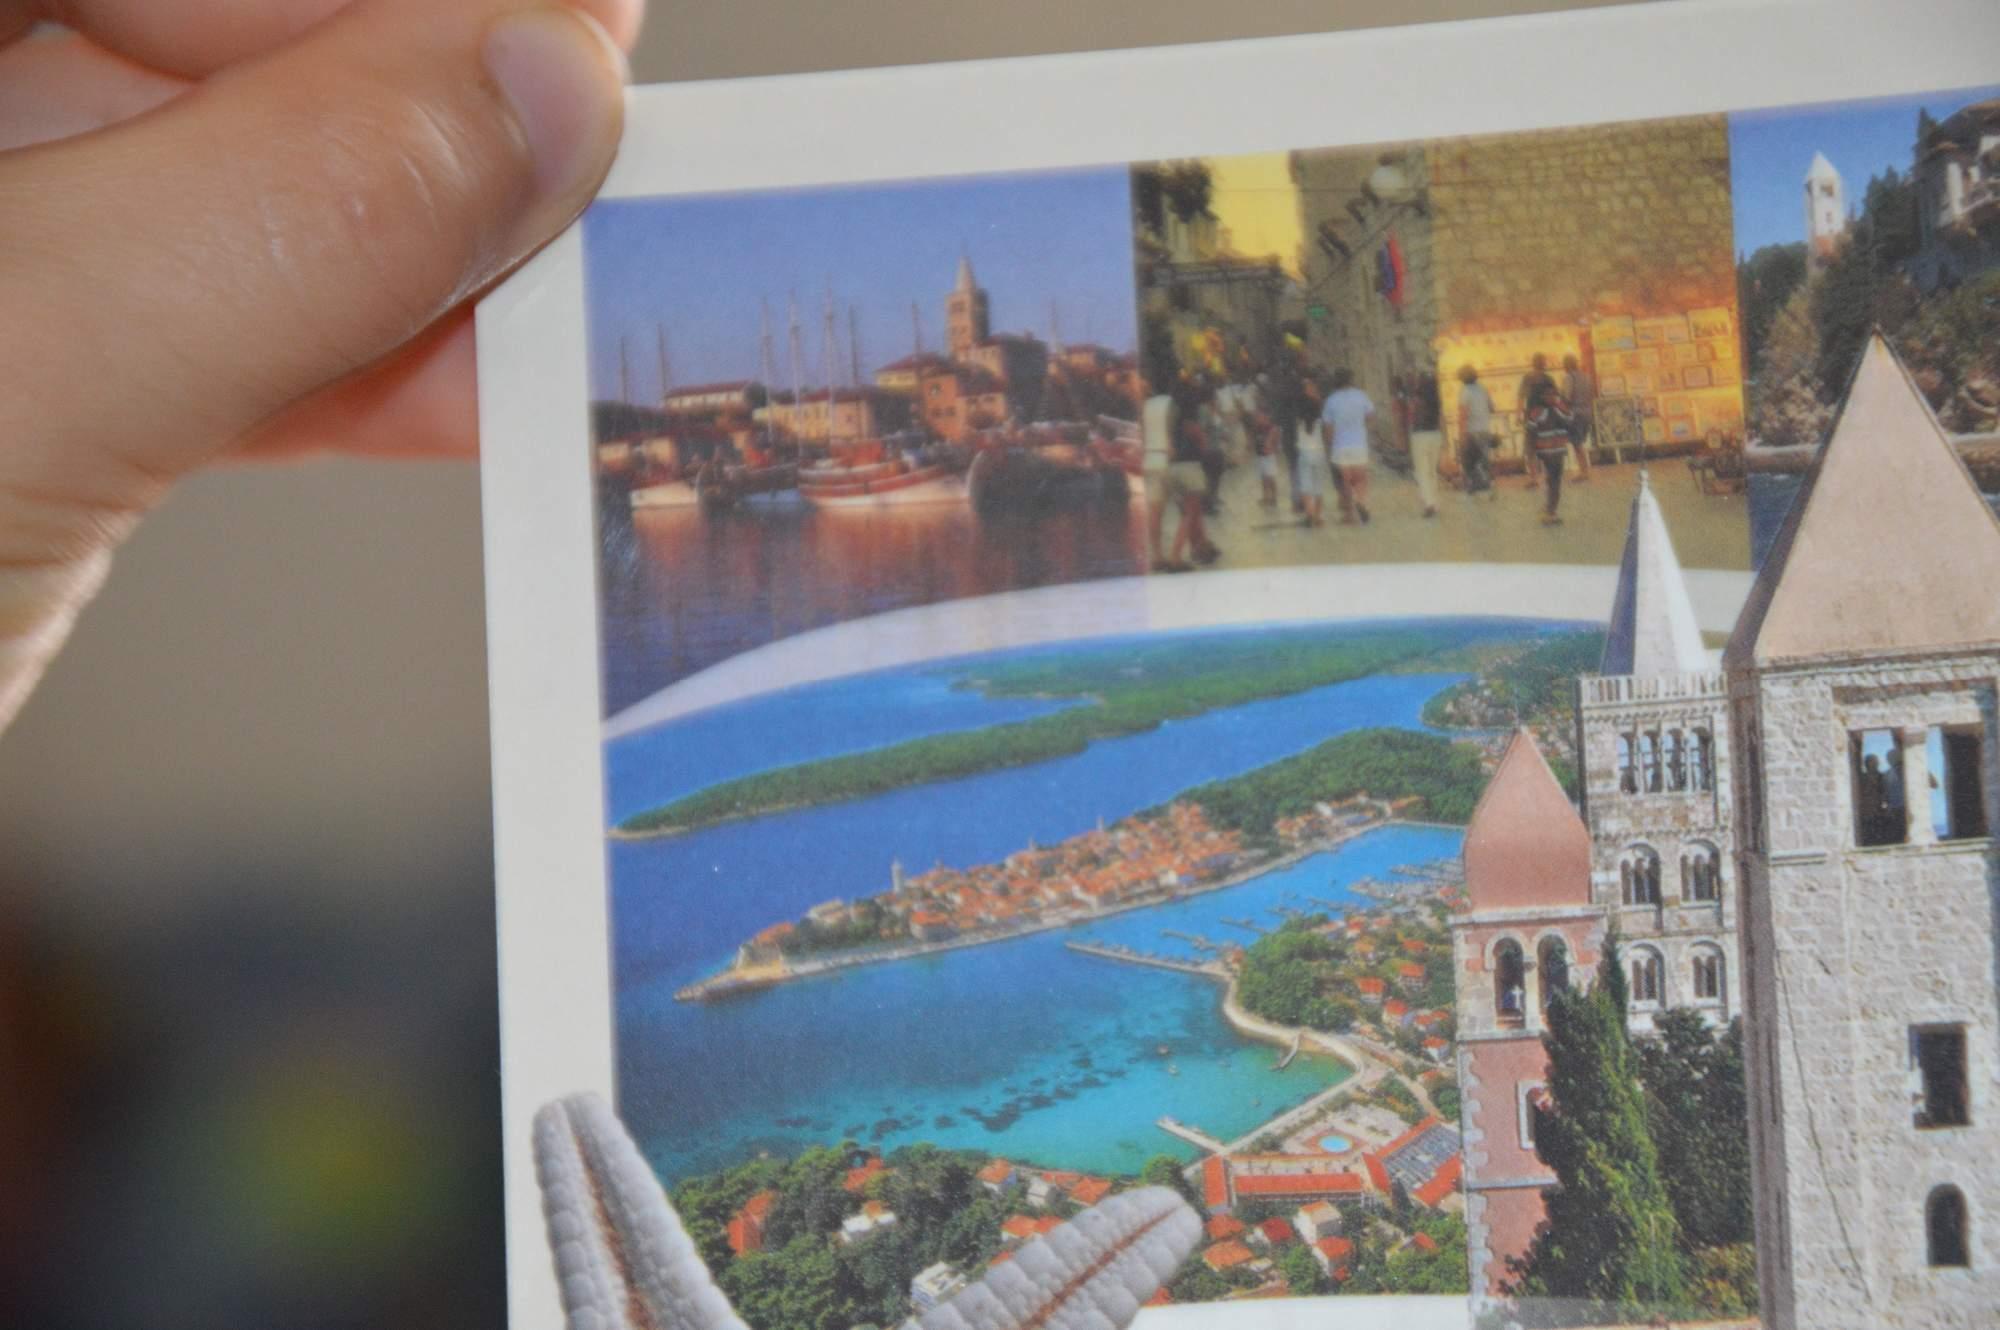 http://img19.rajce.idnes.cz/d1902/11/11369/11369498_ba1b1cc51aa2b100ecd01c05fe1b9075/images/DSC_0126.jpg